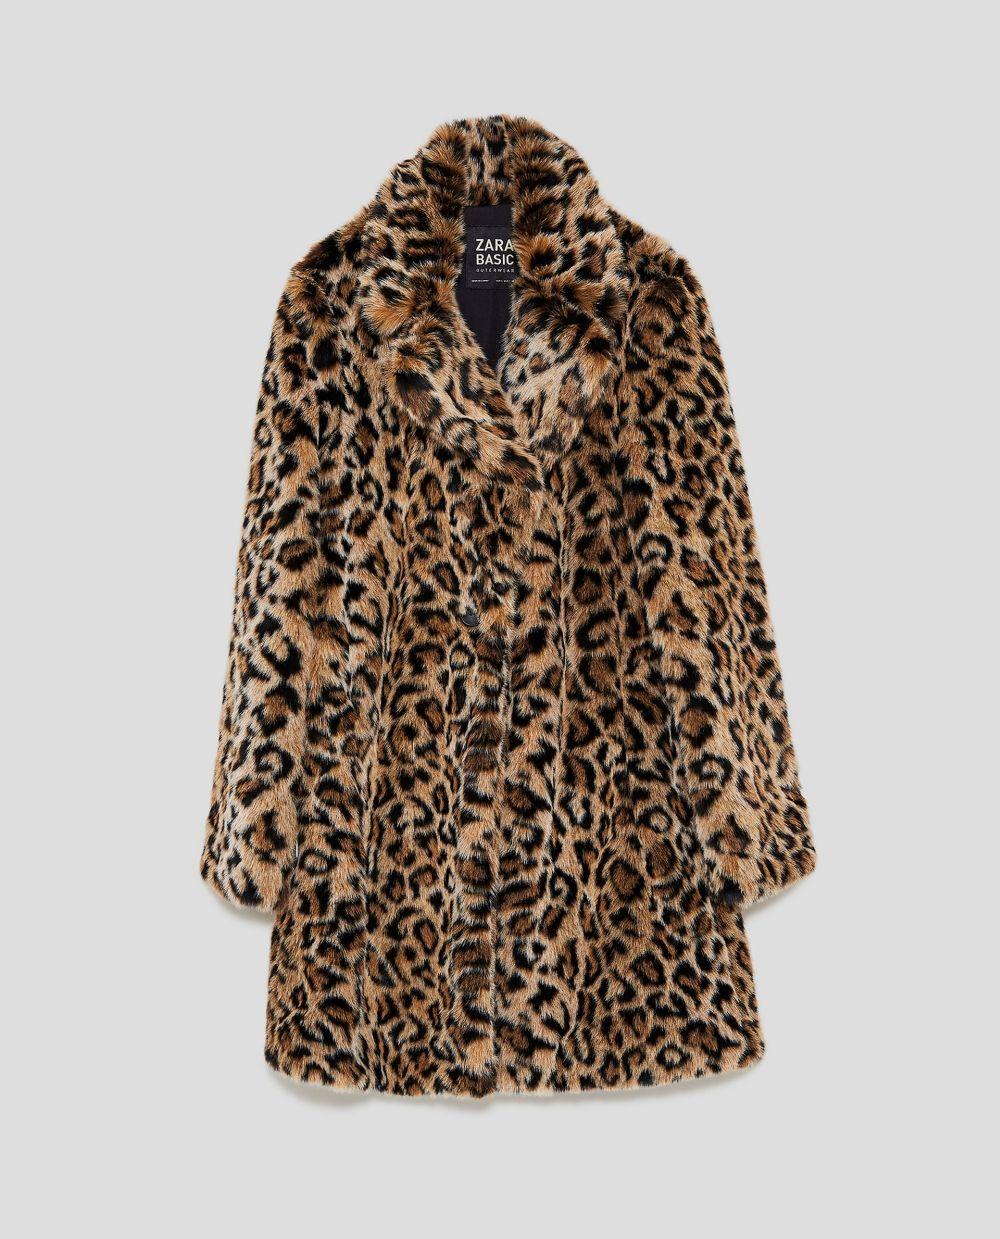 Abrigo efecto pelo de Zara(69,95 euros)